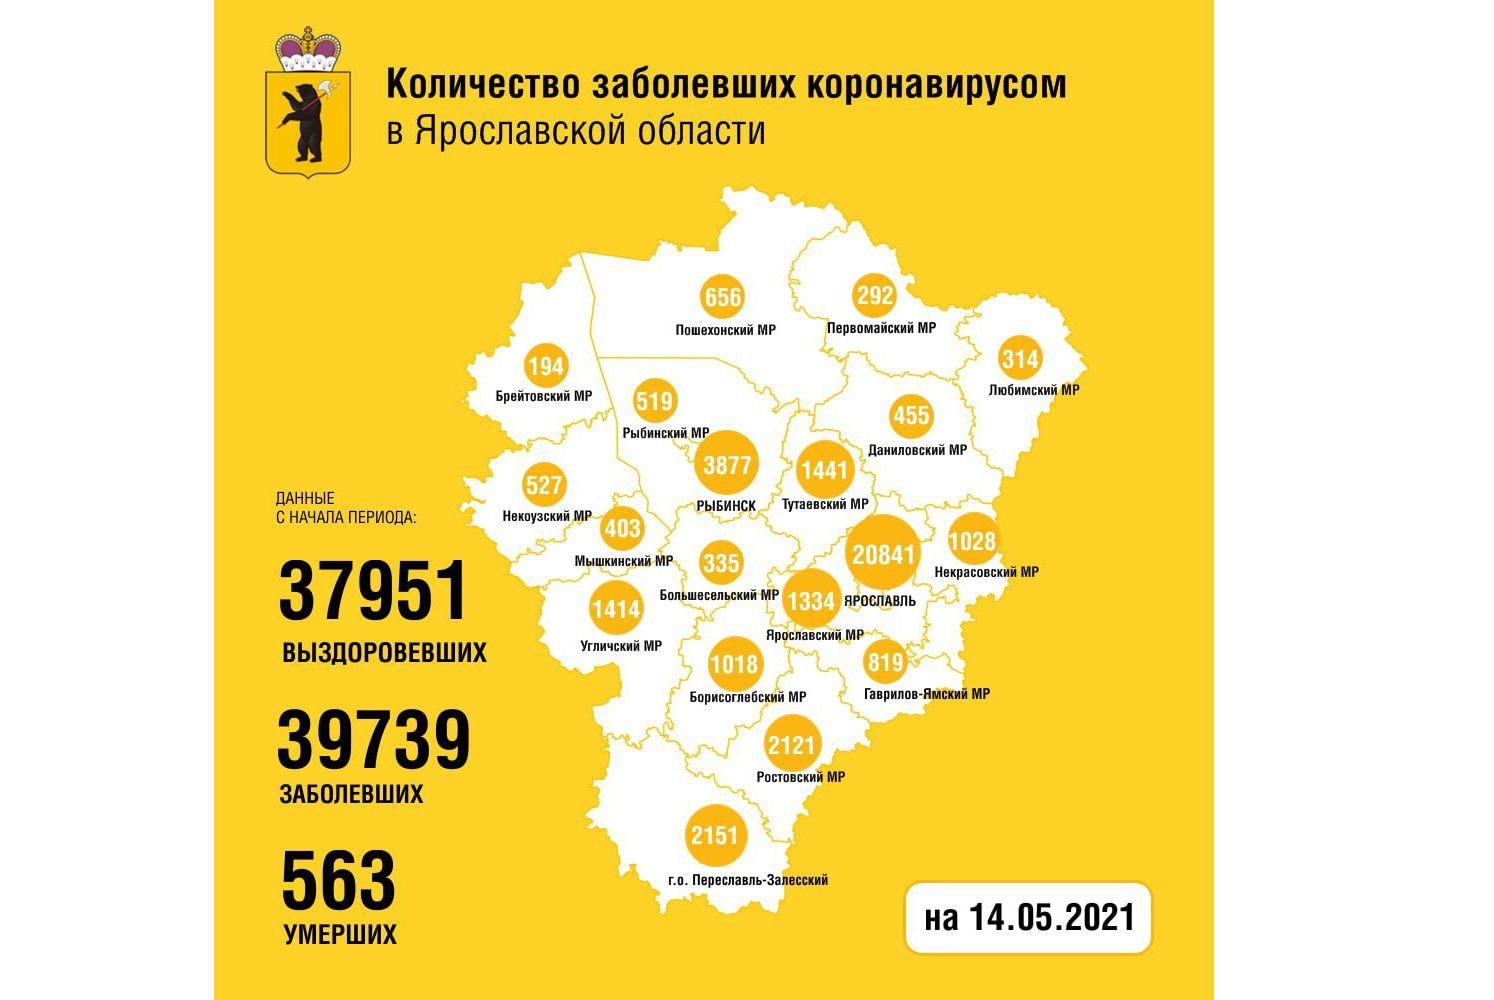 В Ярославской области за сутки заболели коронавирусом 79 человек, трое скончались